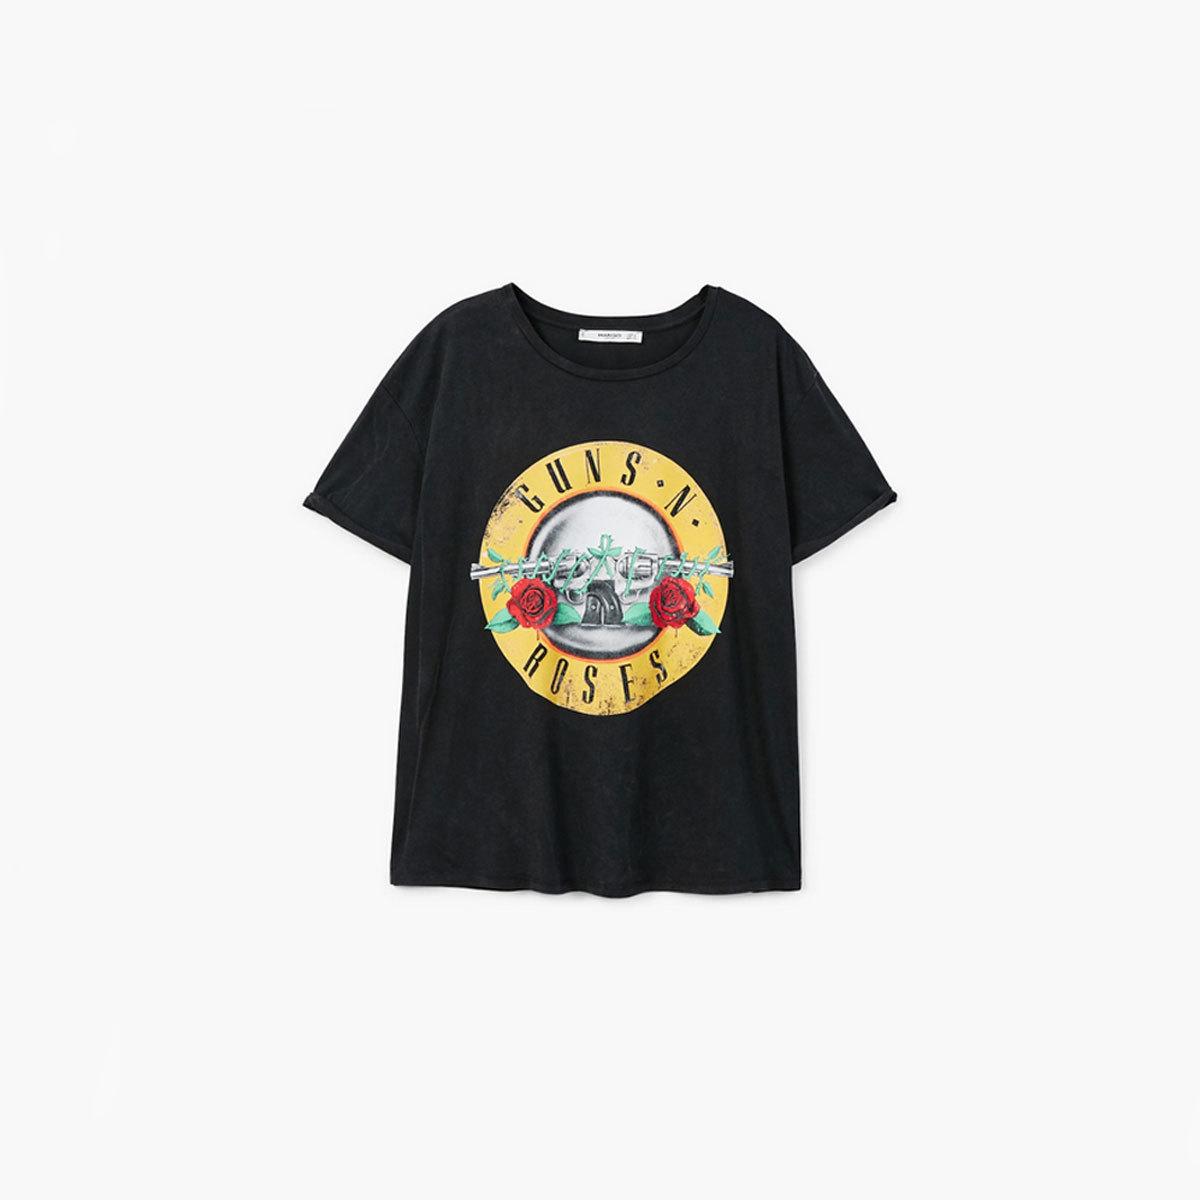 Camiseta de Guns and Roses, de Mango (17,99 euros).